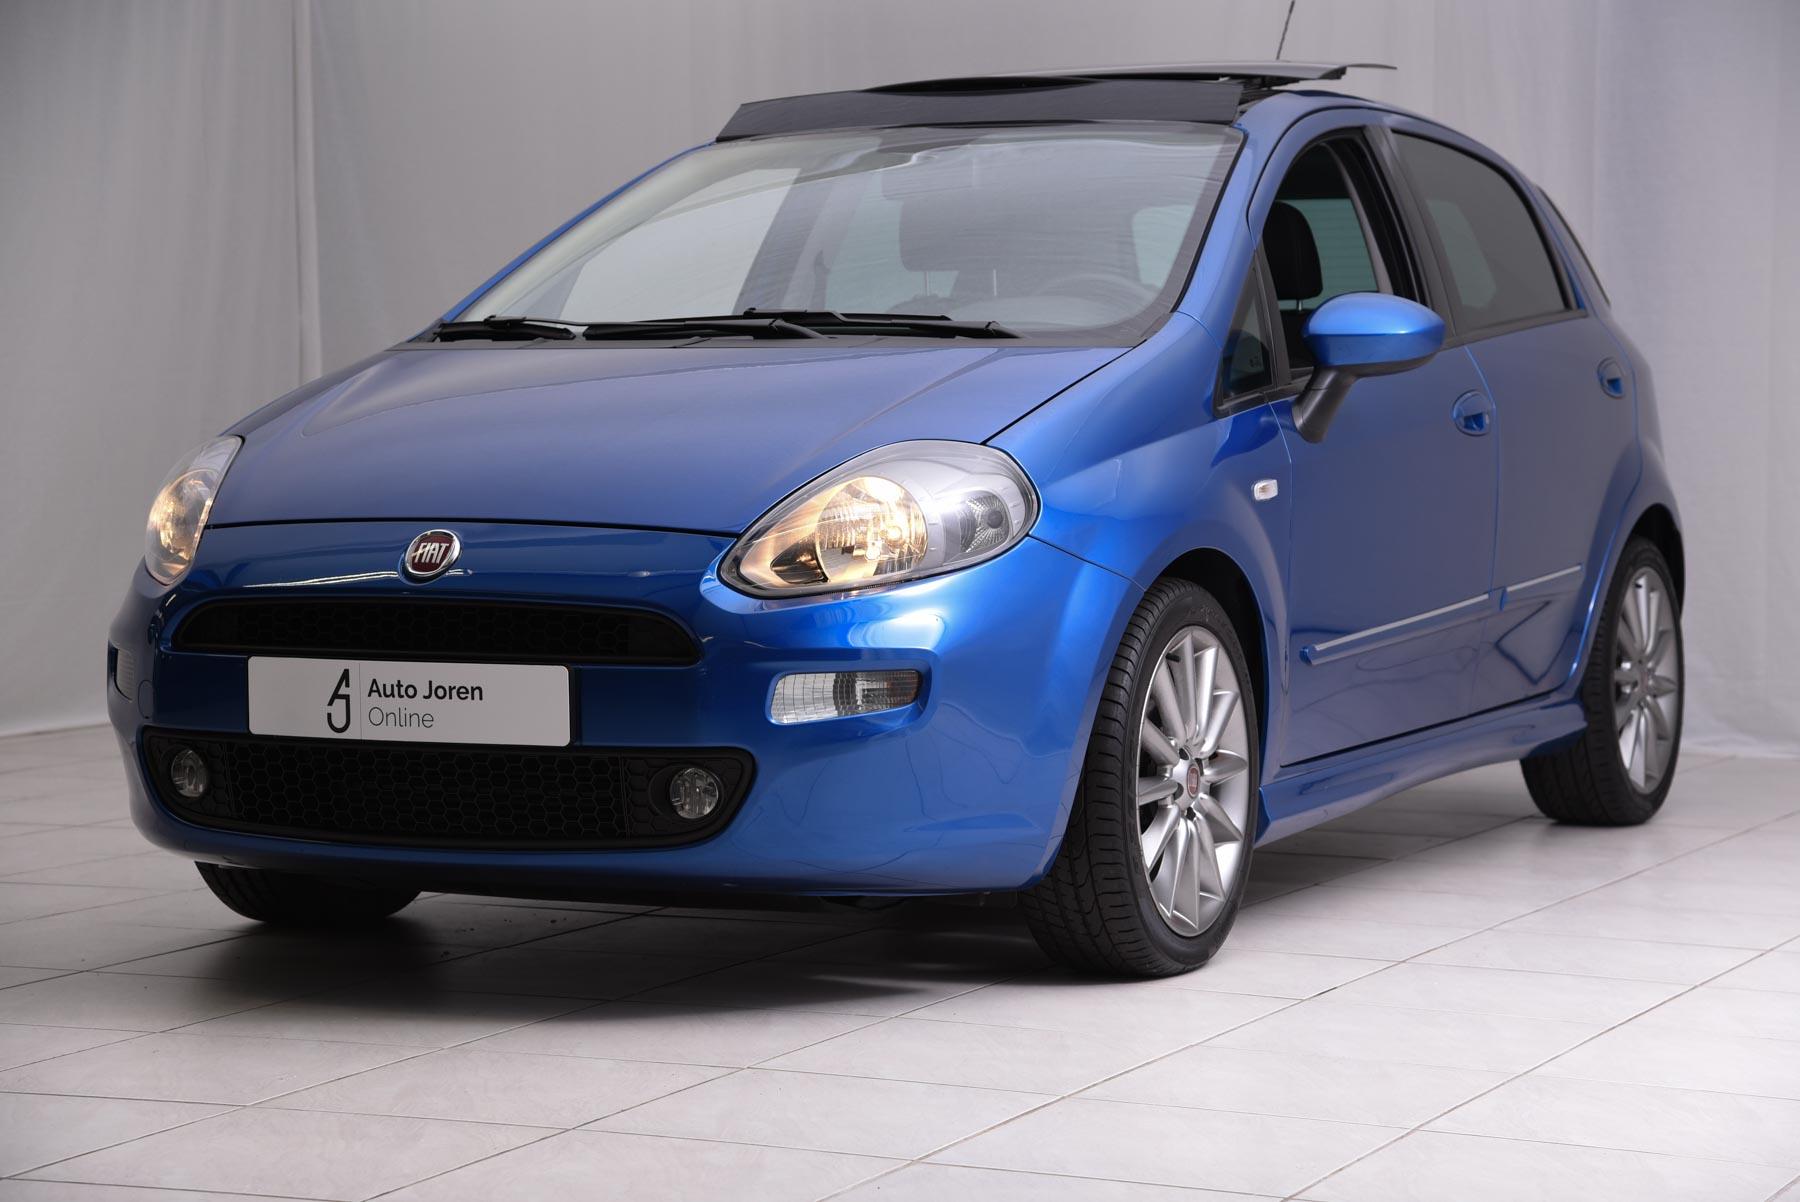 Fiat Punto Lounge Autojoren.online Diesel blauw opendak climate control cruise control exterieur 8